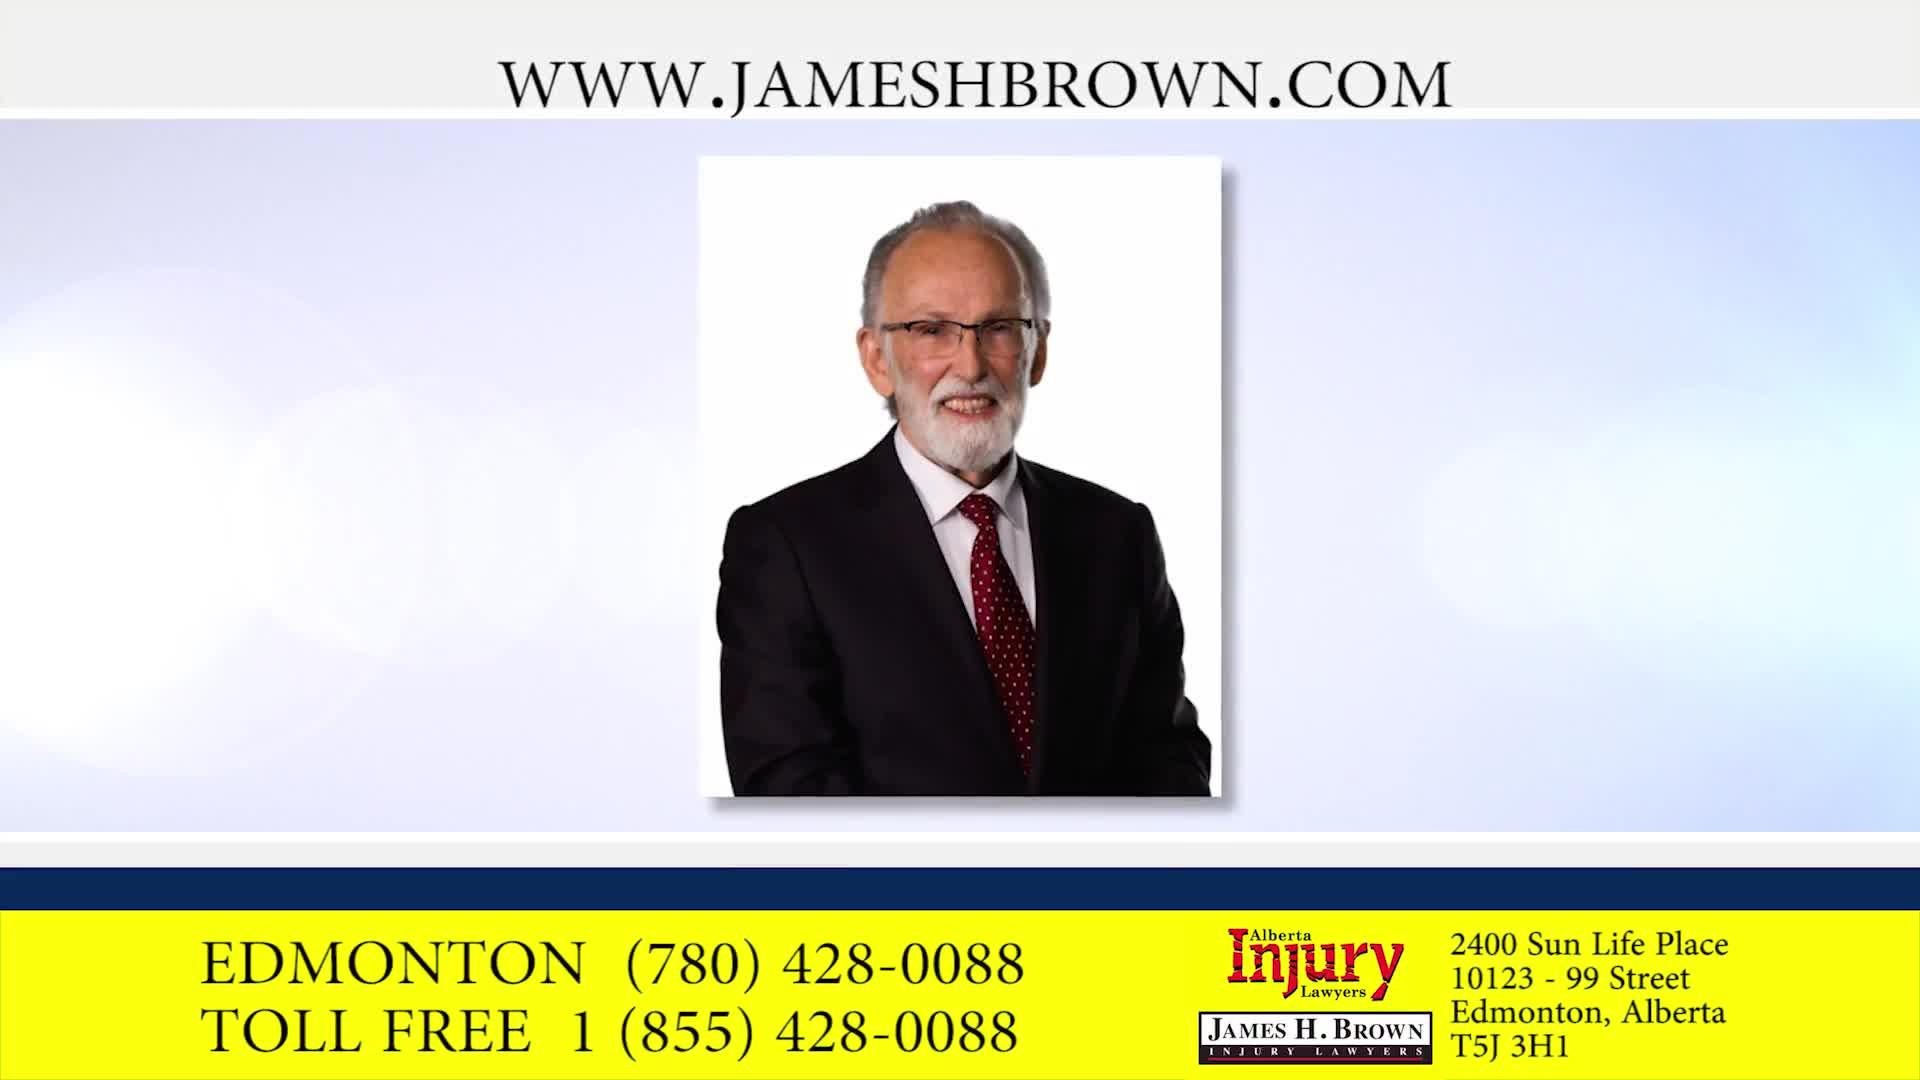 Alberta Injury Lawyers - Personal Injury Lawyers - 1-844-280-7073